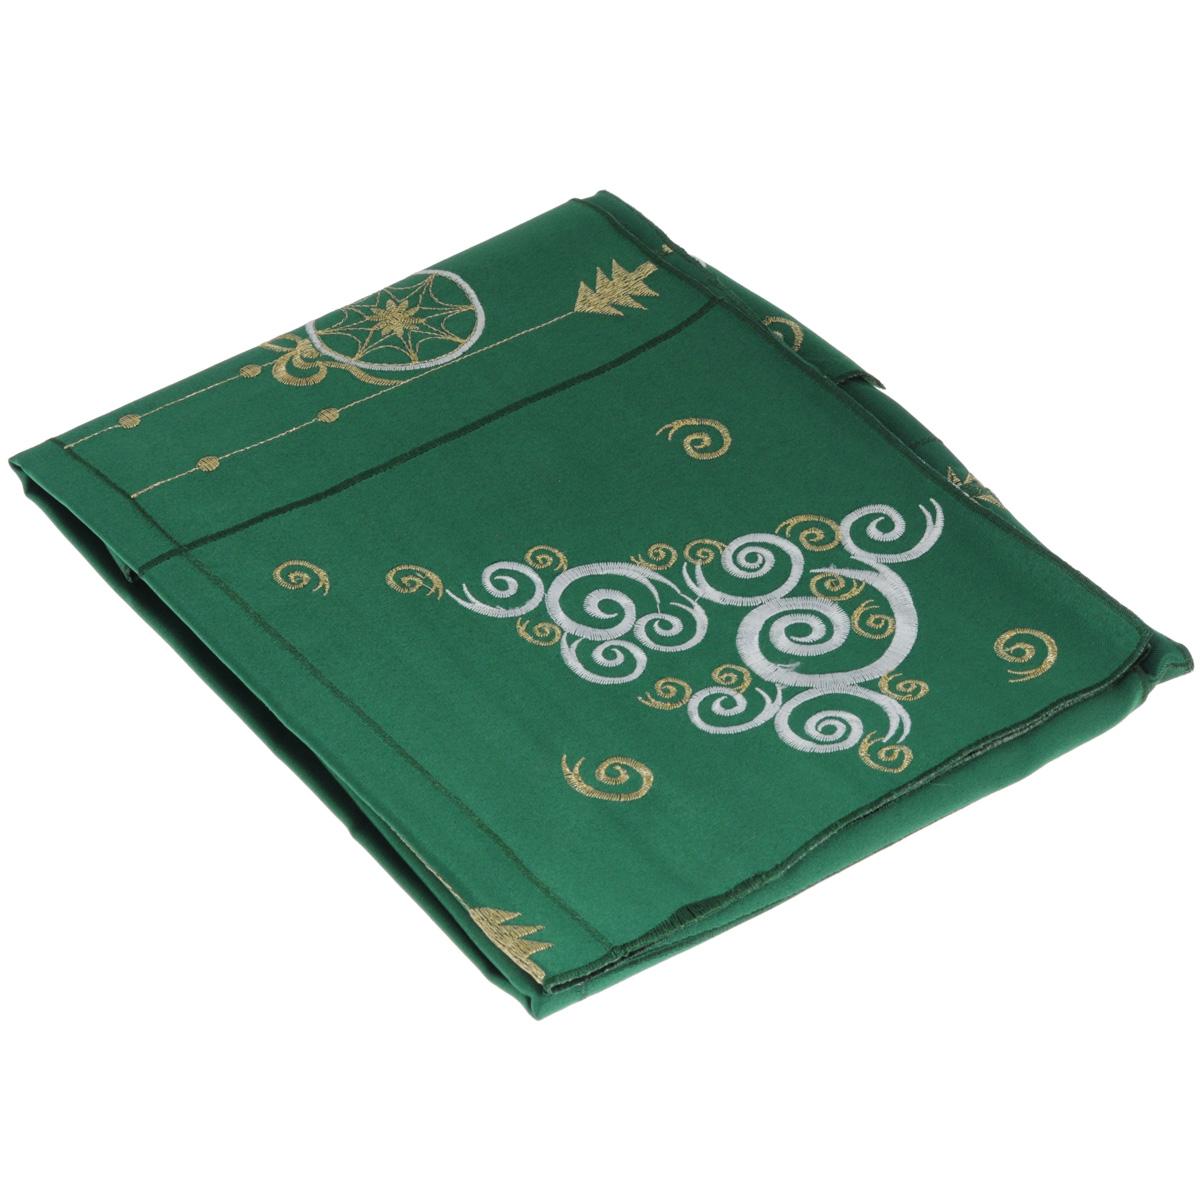 Скатерть Home Queen Елочка, квадратная, цвет: зеленый, 85x 85 смVT-1520(SR)Новогодняя скатерть Queen Елочка изящно украсит праздничный стол. Изделие выполнено из плотной полиэстеровой ткани, украшенной яркой декоративной ажурной вышивкой в виде ажурной елочки. Изделие можно использовать поверх однотонной скатерти или в качестве самостоятельного покрытия на стол. Скатерть Queen Елочка создаст новогоднее настроение и станет прекрасным дополнением интерьера гостиной, кухни или столовой.